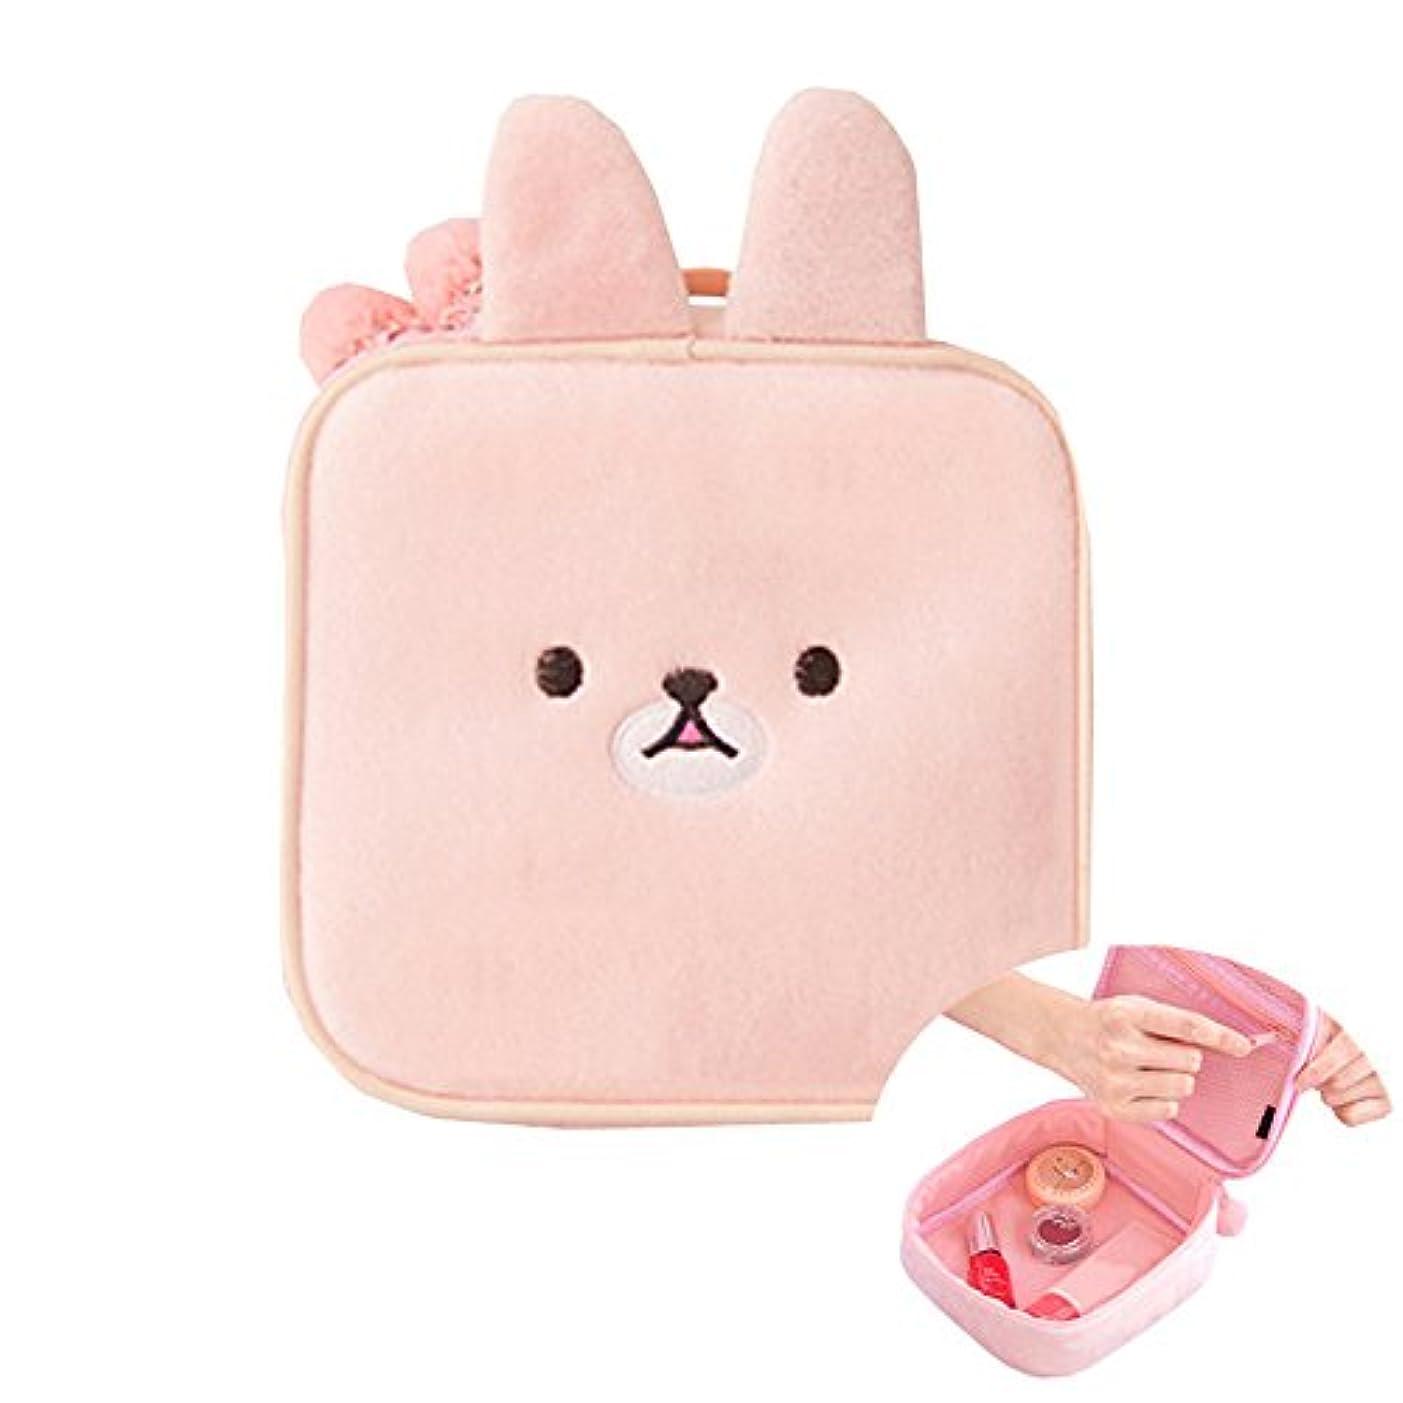 現像最適すり良いも かわいいウサギの化粧品袋漫画の女の子のミニポーチ旅行ウォッシュメイクツールオーガナイザーケースボックスアクセサリー用品